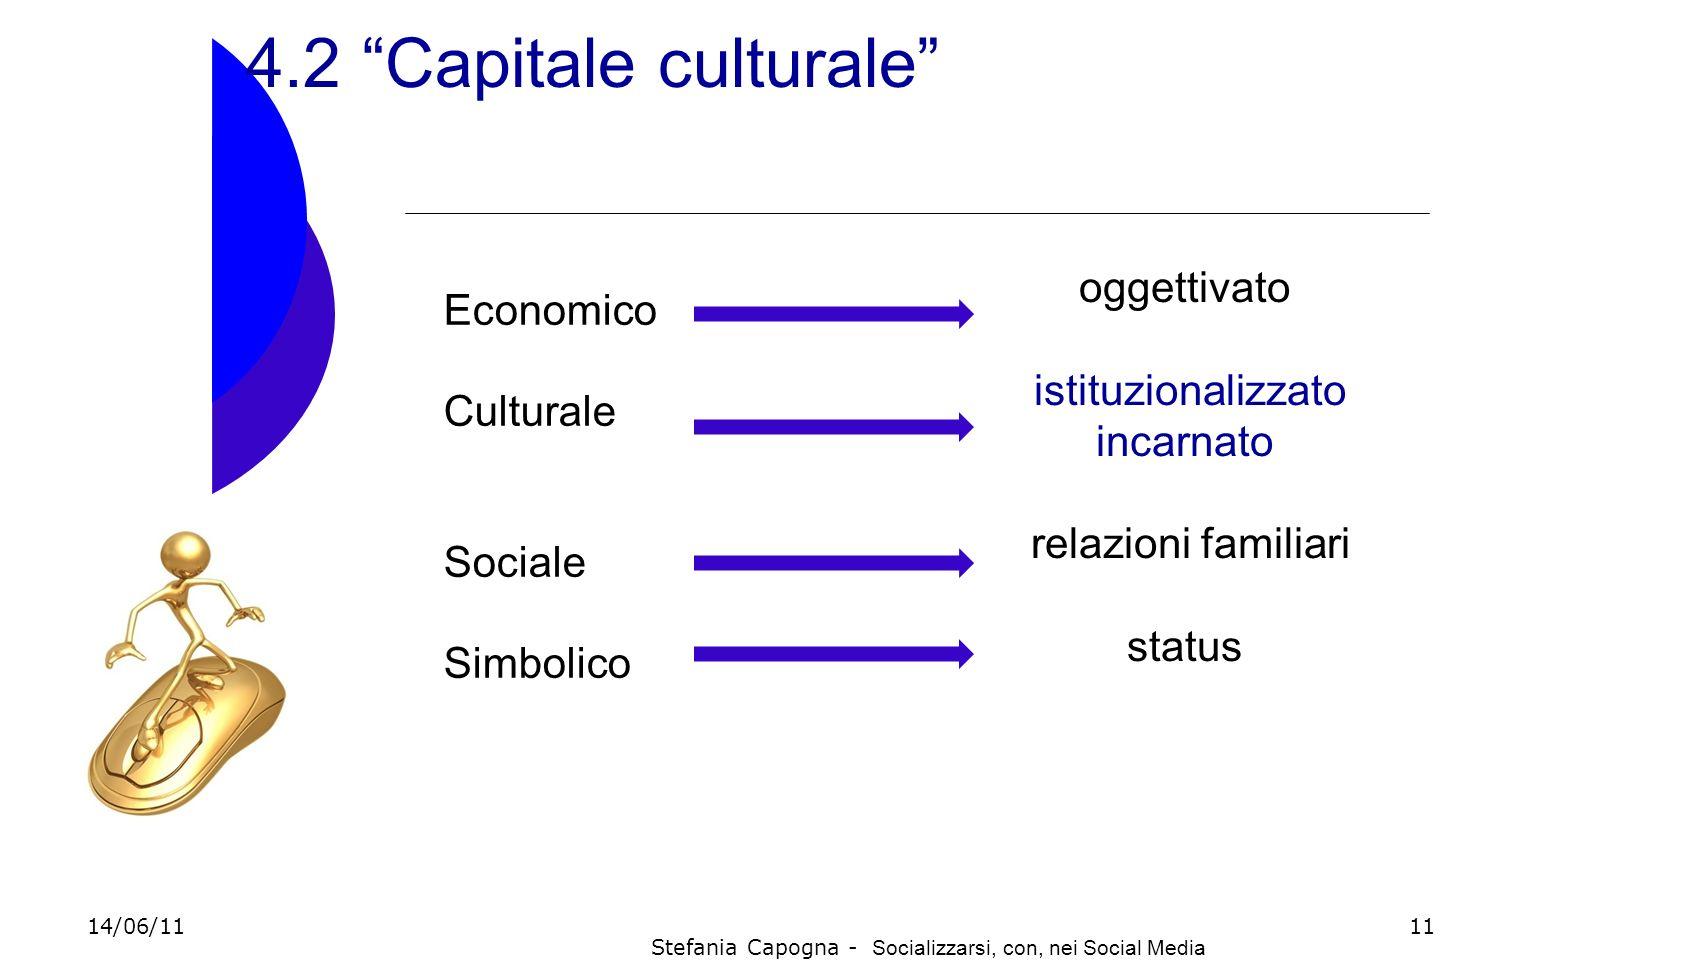 11 4.2 Capitale culturale Economico Culturale Sociale Simbolico oggettivato istituzionalizzato incarnato relazioni familiari status 14/06/11 Stefania